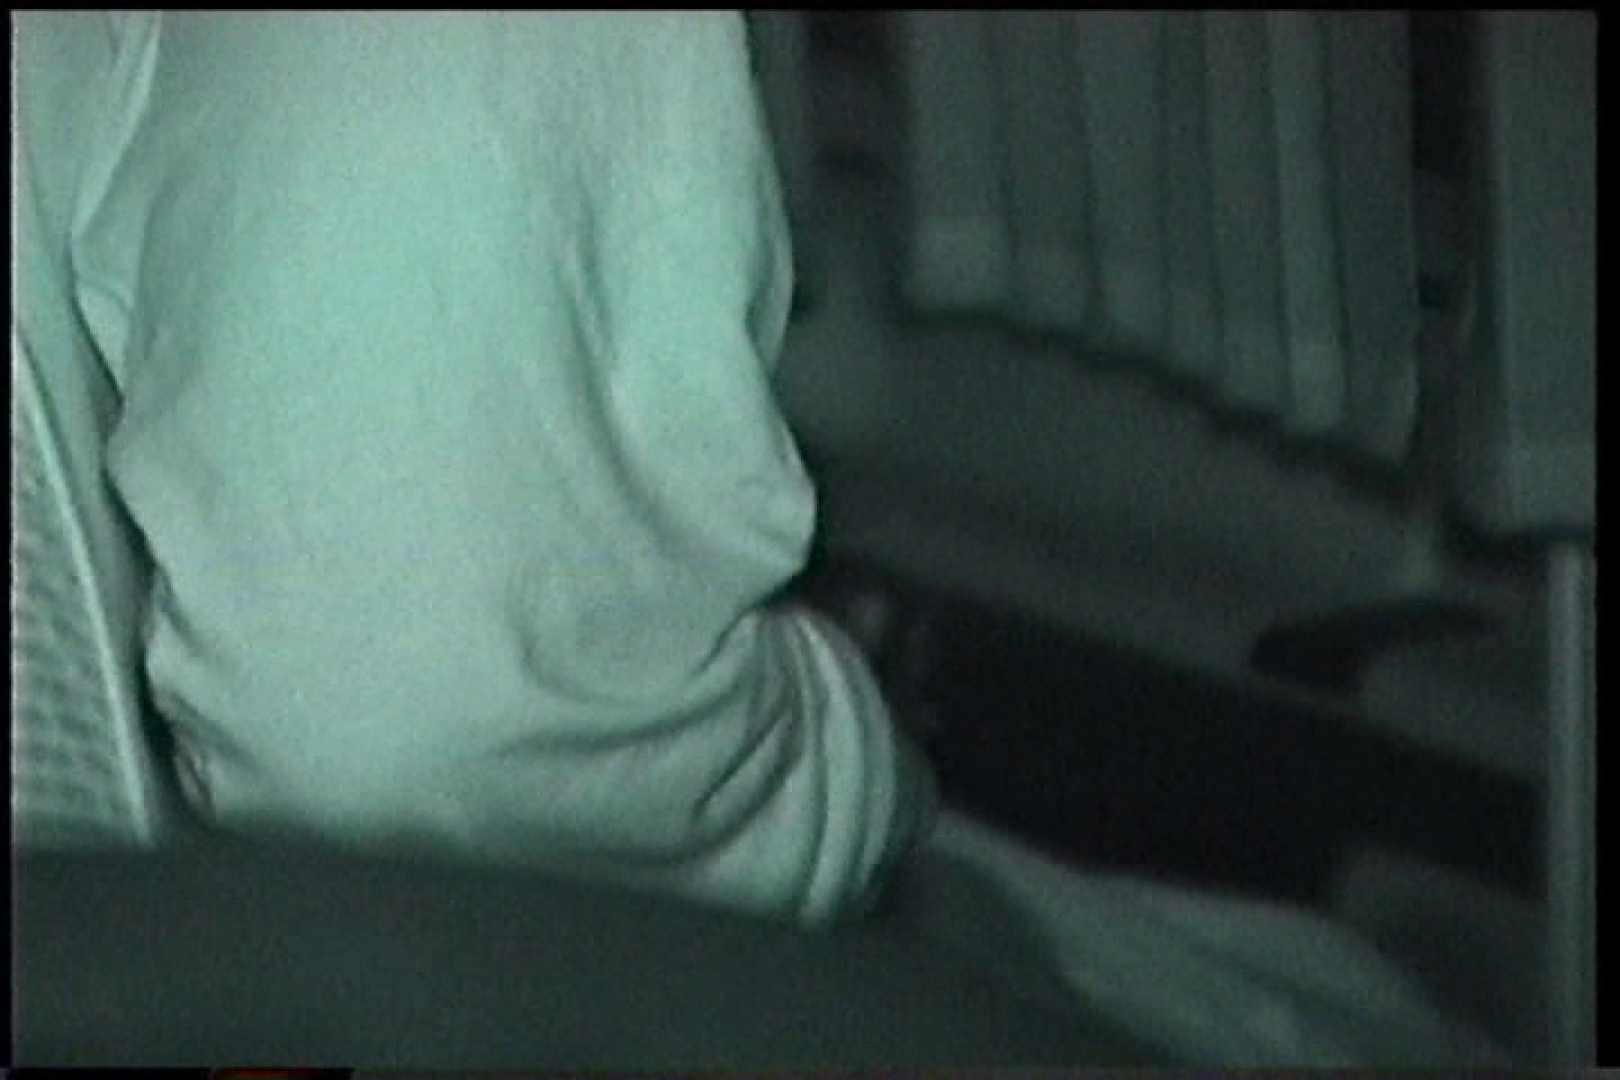 充血監督の深夜の運動会Vol.227 OLエロ画像 のぞきエロ無料画像 69PICs 53